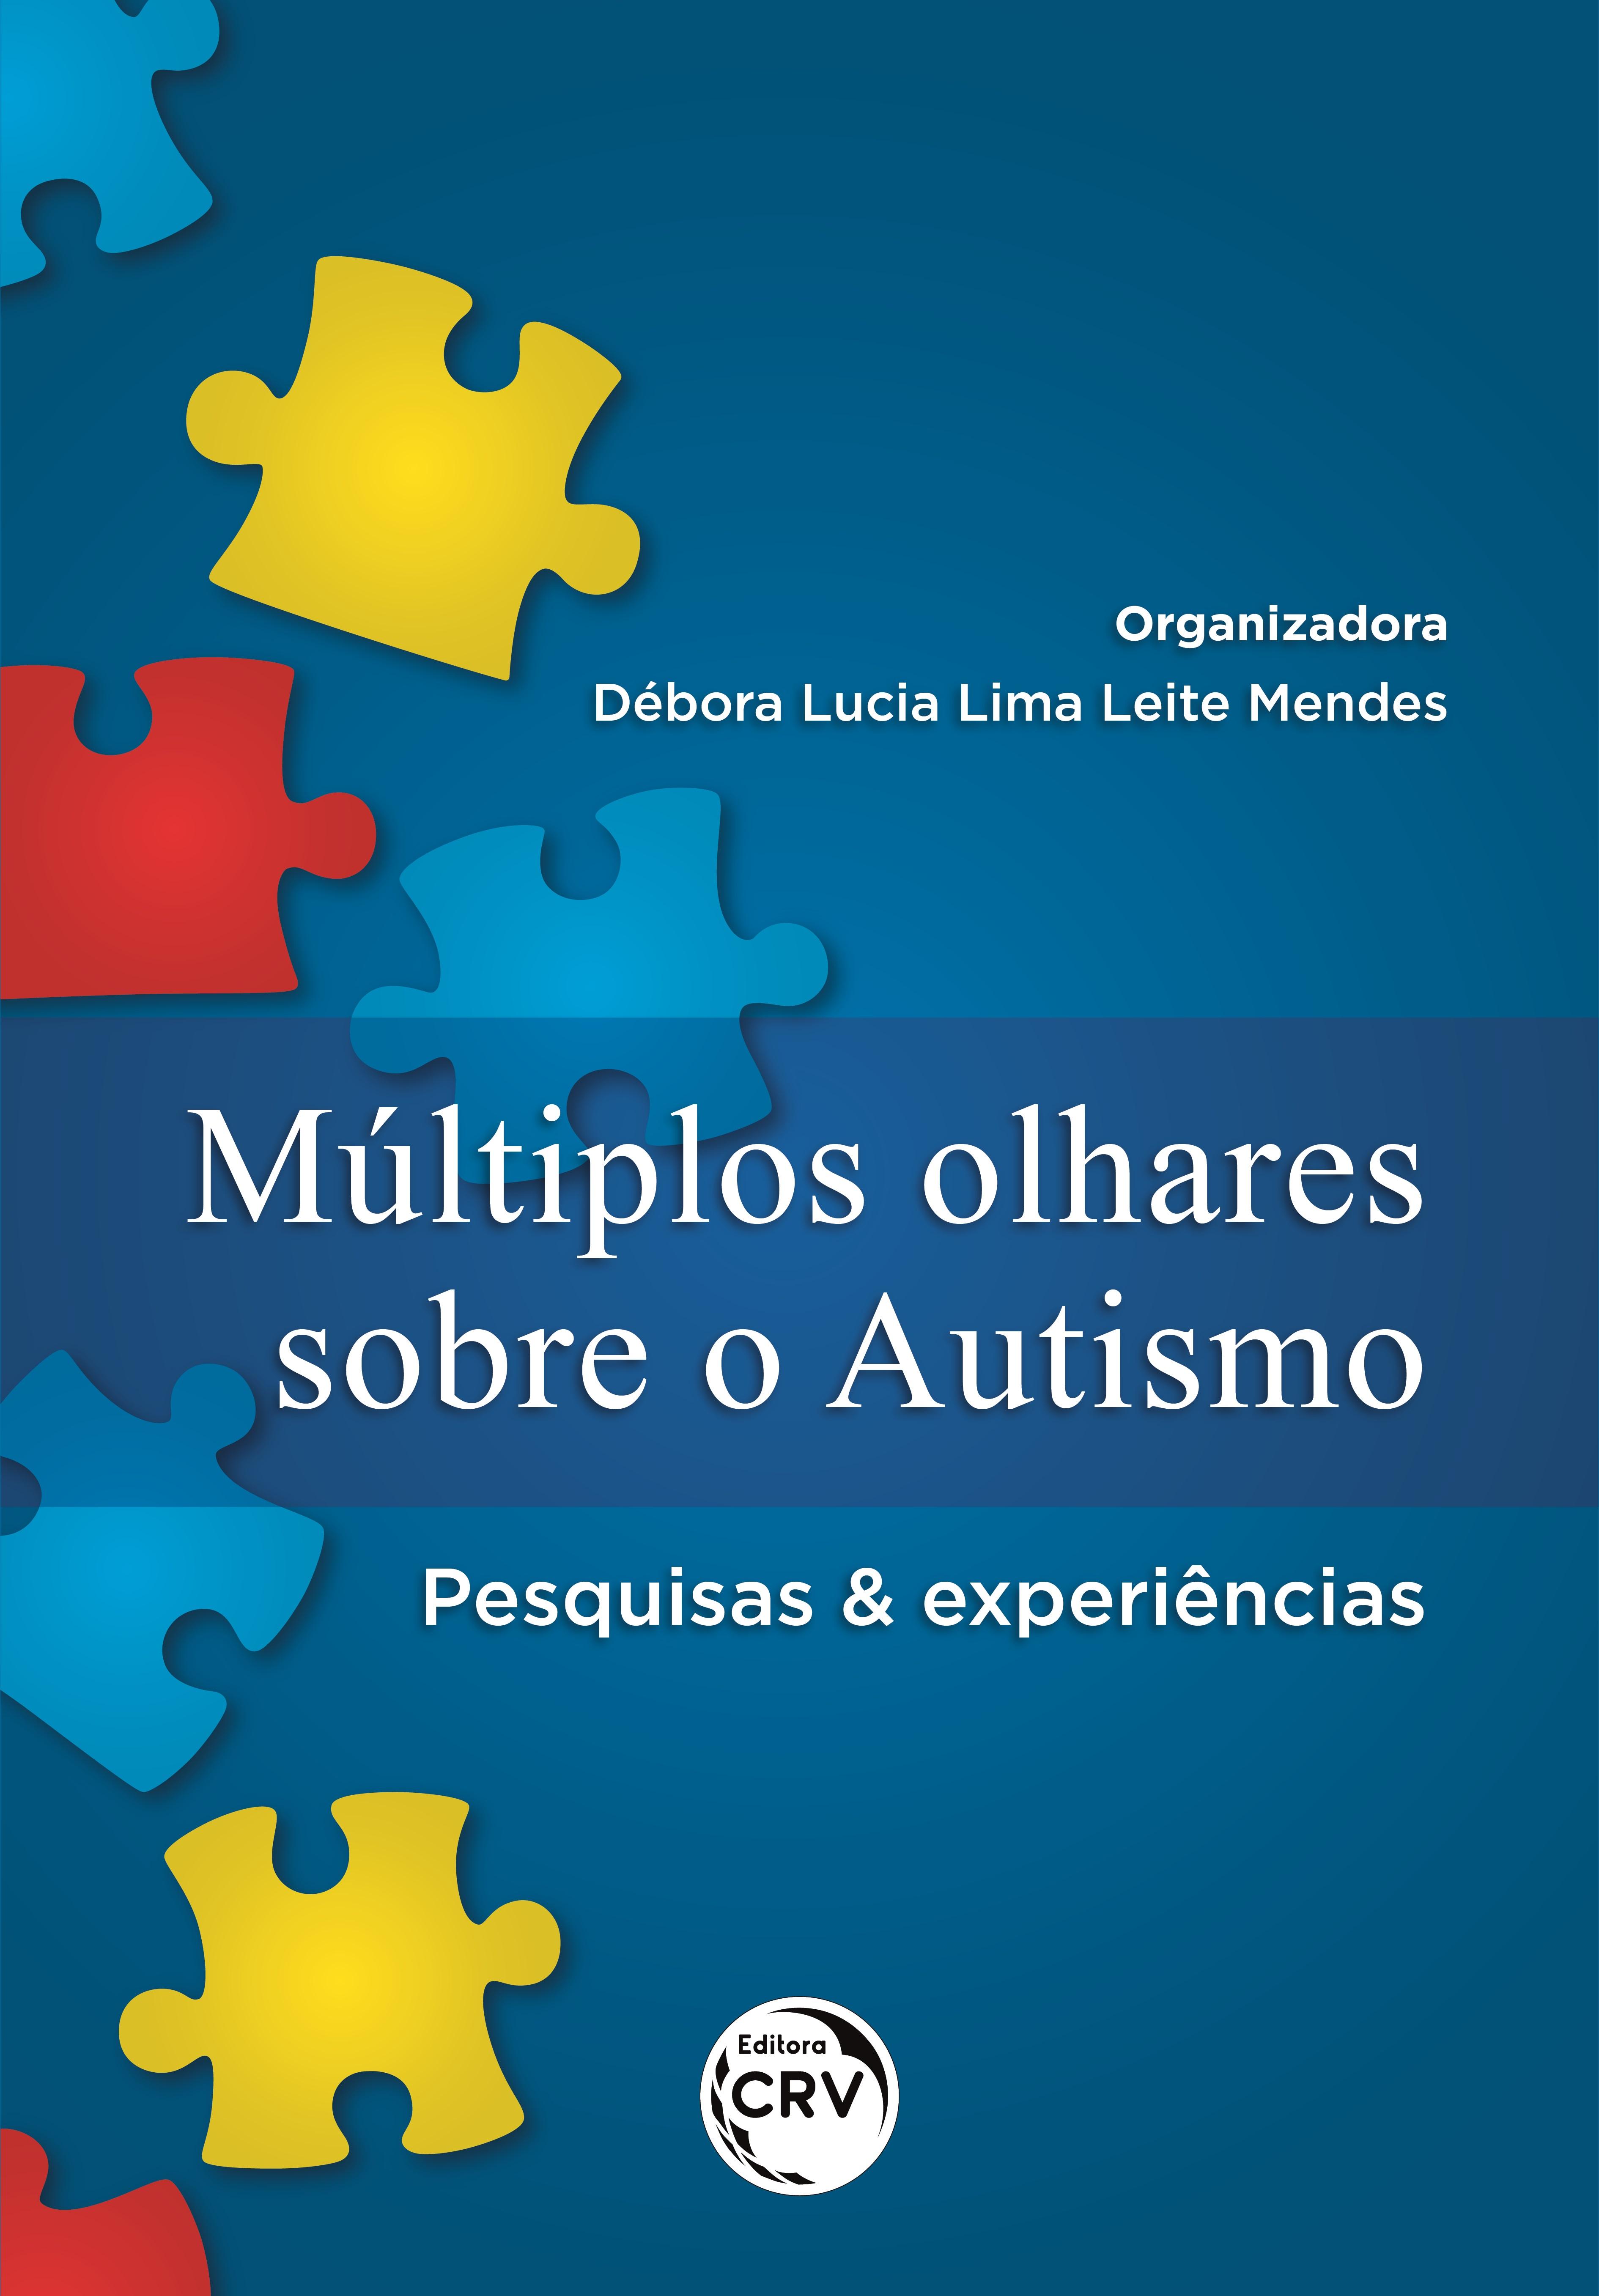 Capa do livro: MÚLTIPLOS OLHARES SOBRE O AUTISMO:<br> pesquisas & experiências